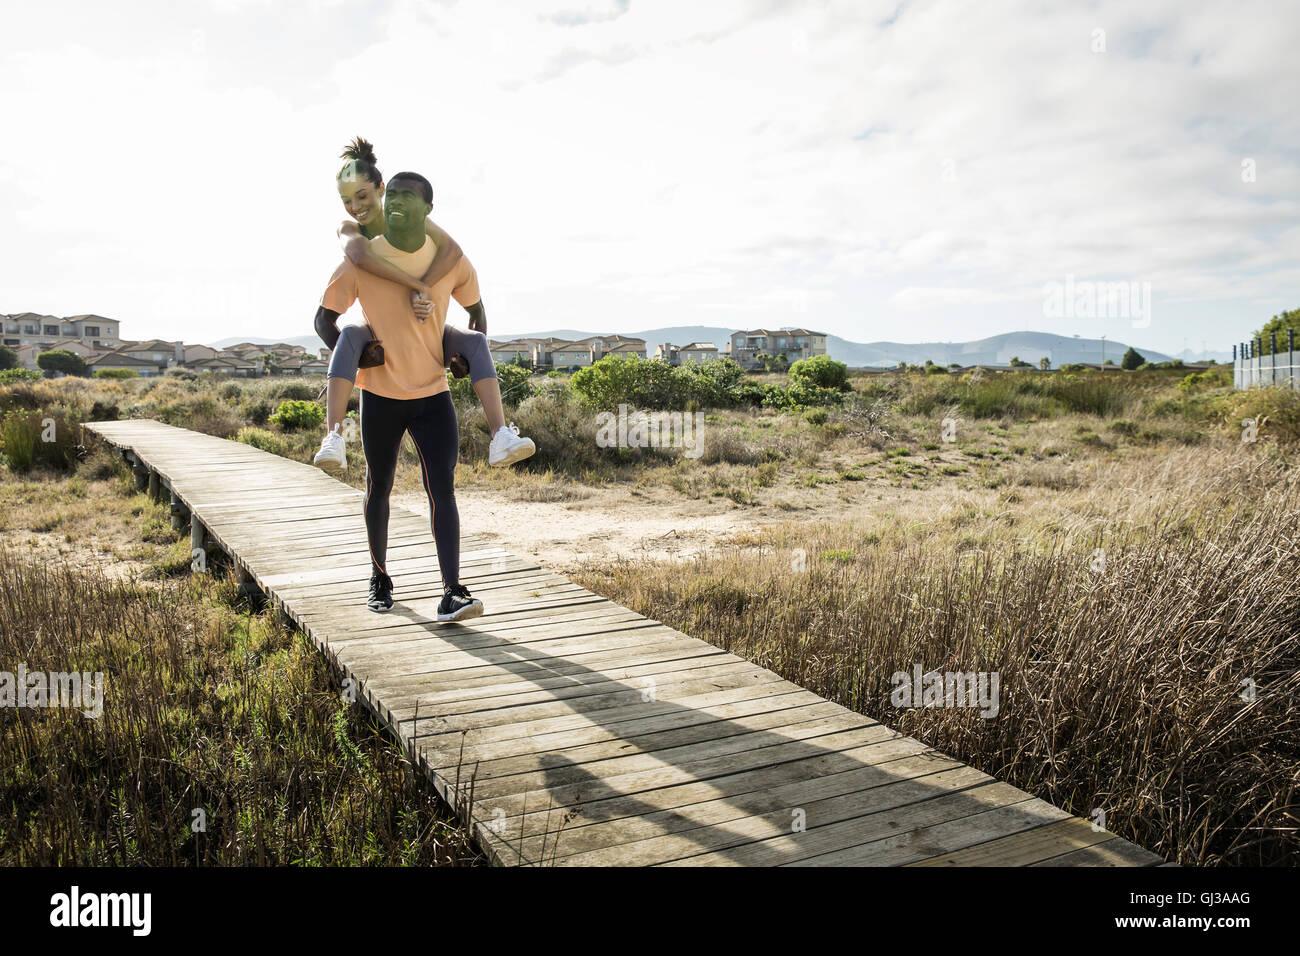 L uomo dando amico piggyback sulla passerella in legno Immagini Stock